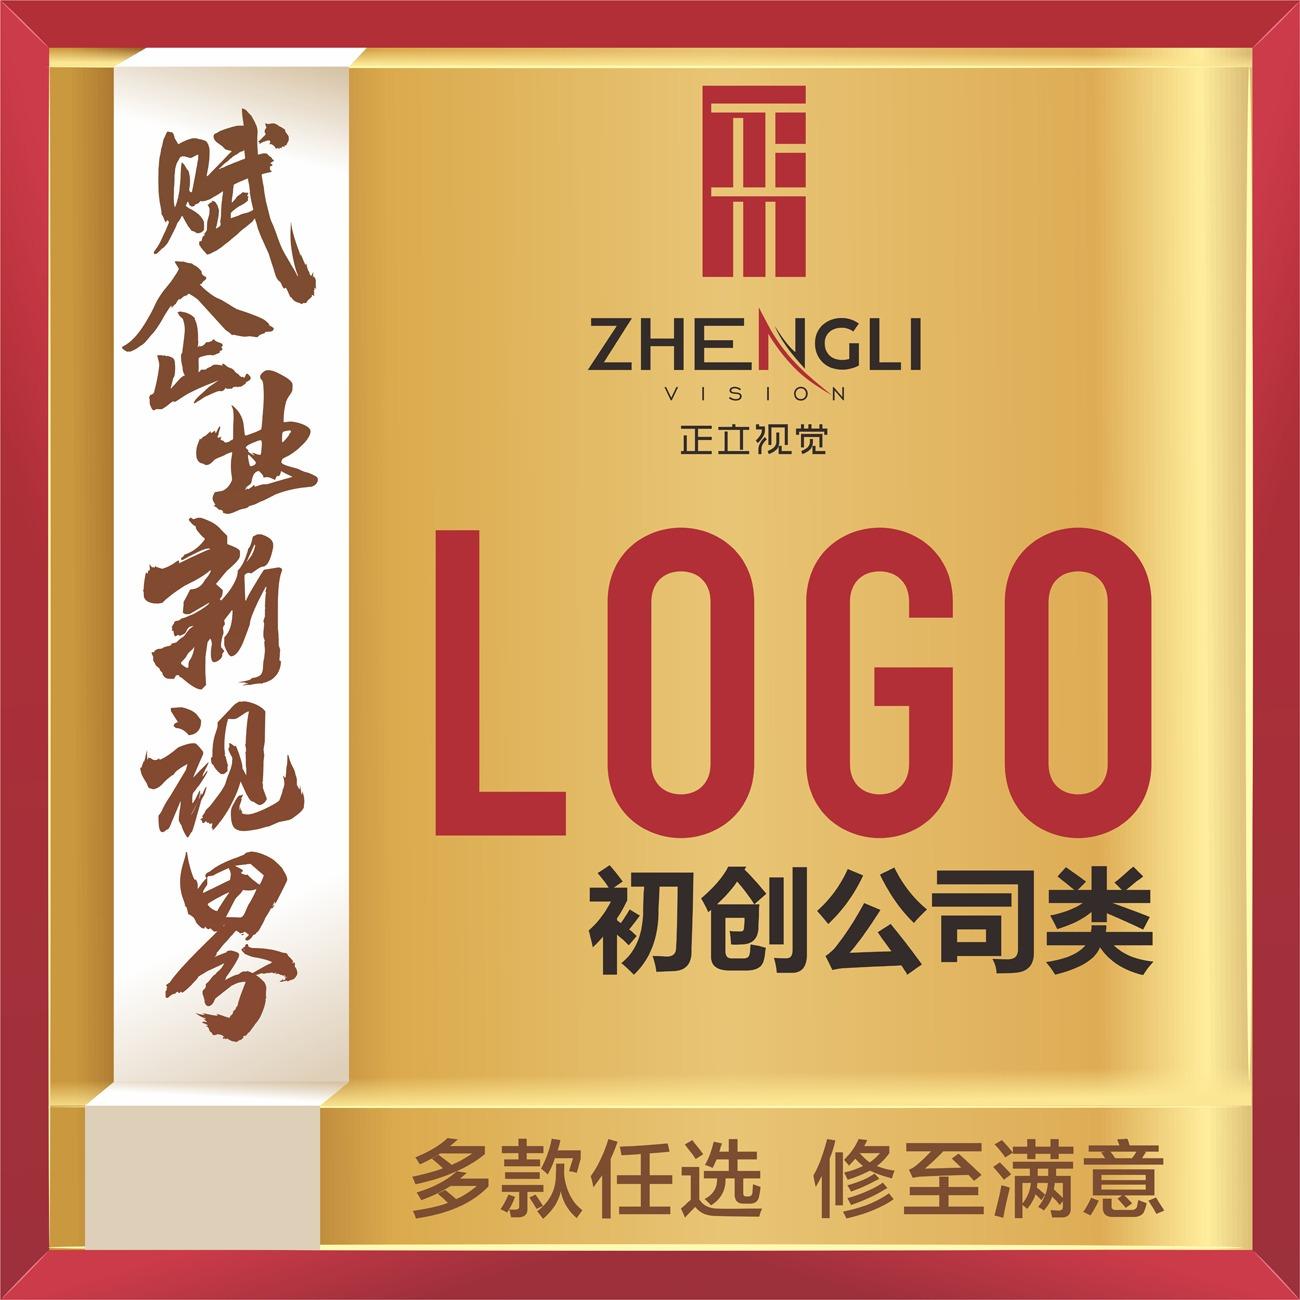 企业形象logo定制商标设计产品贴标原创标识字体设计卡通插画